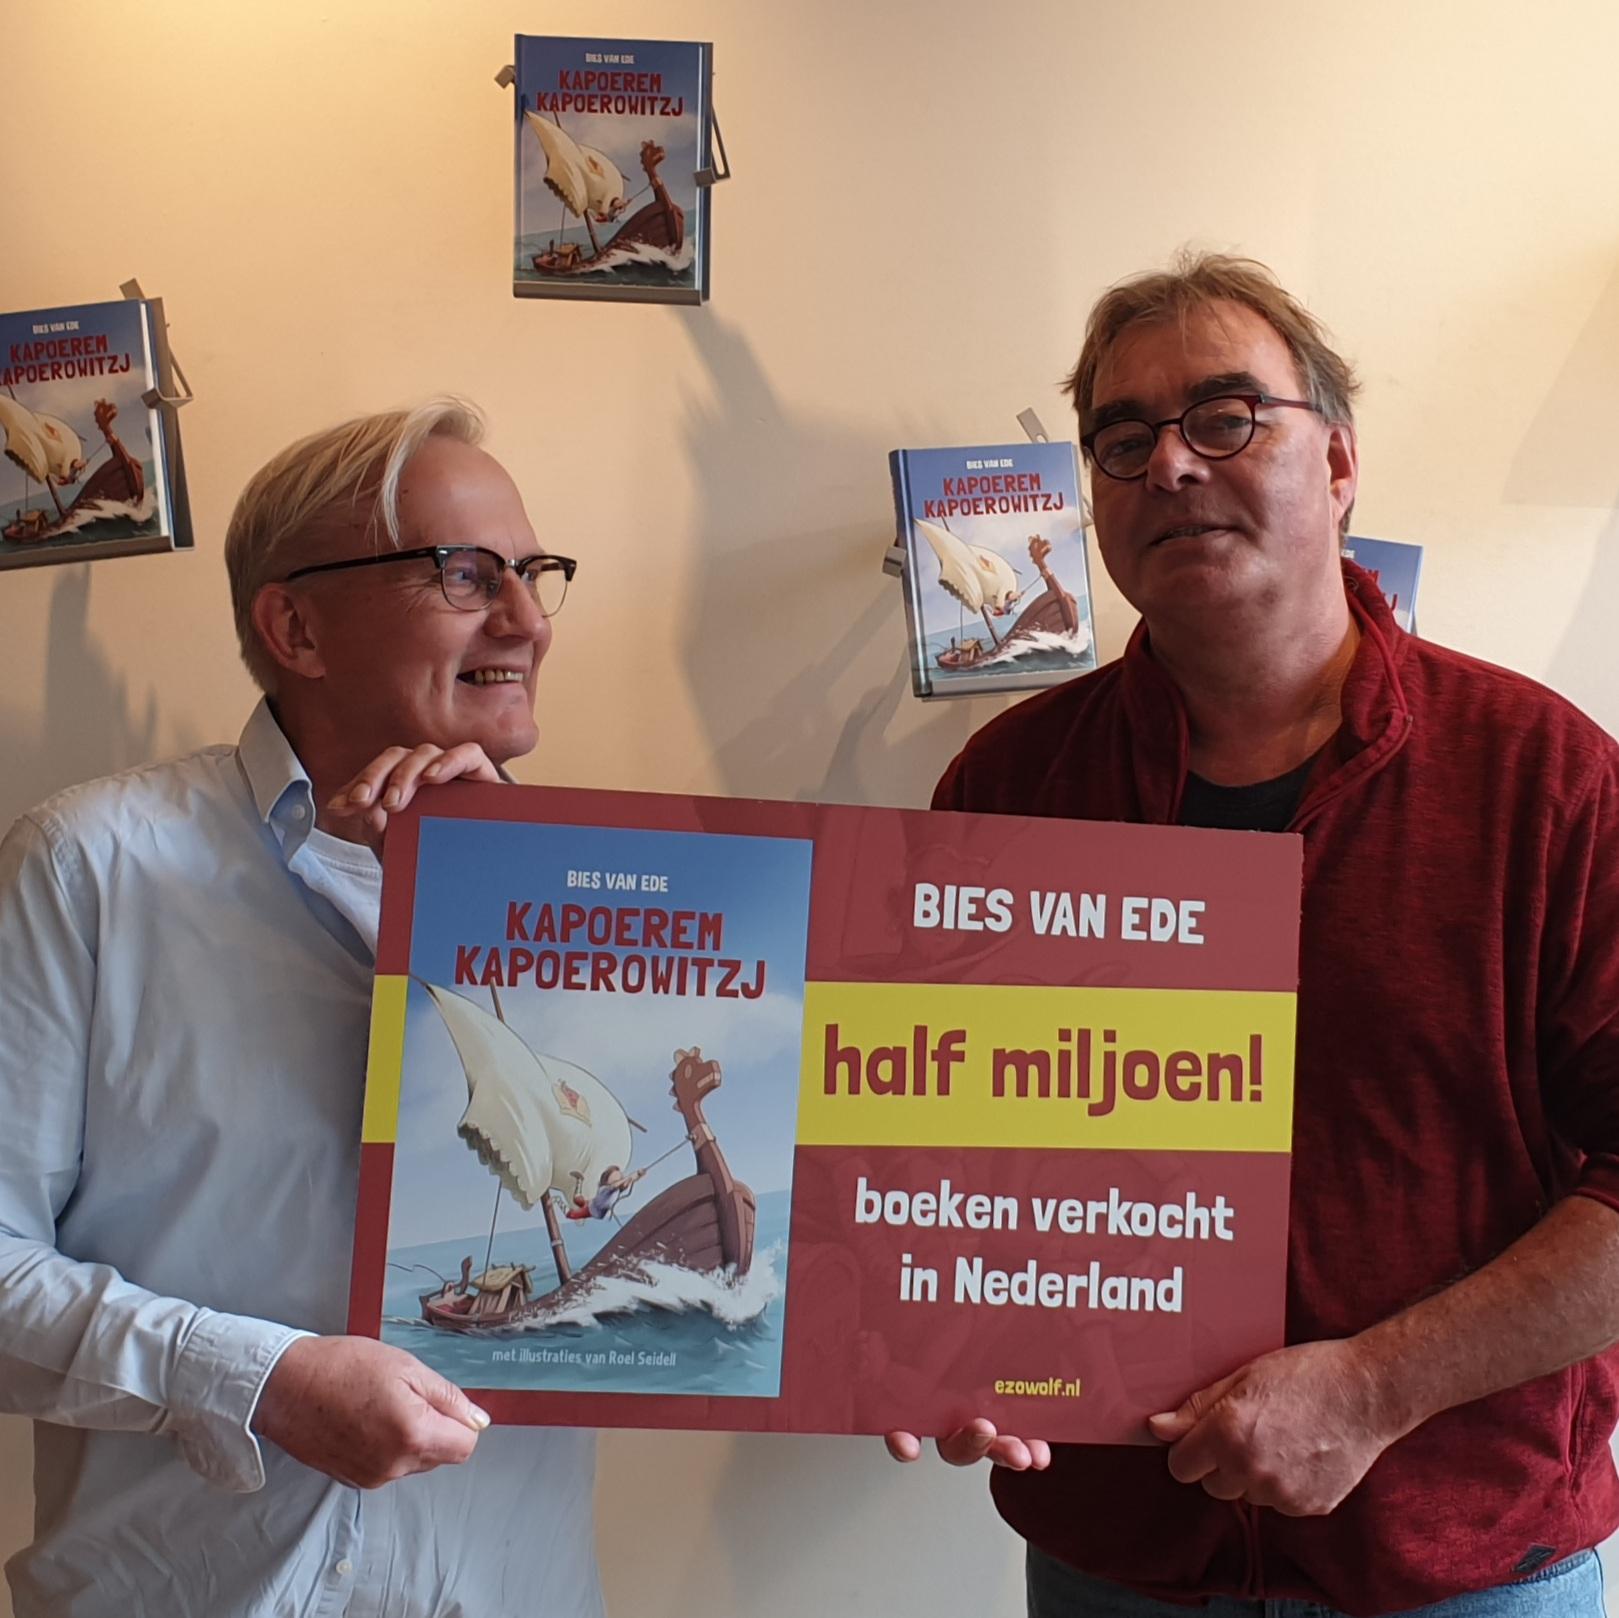 Bies van Ede half miljoen boeken verkocht